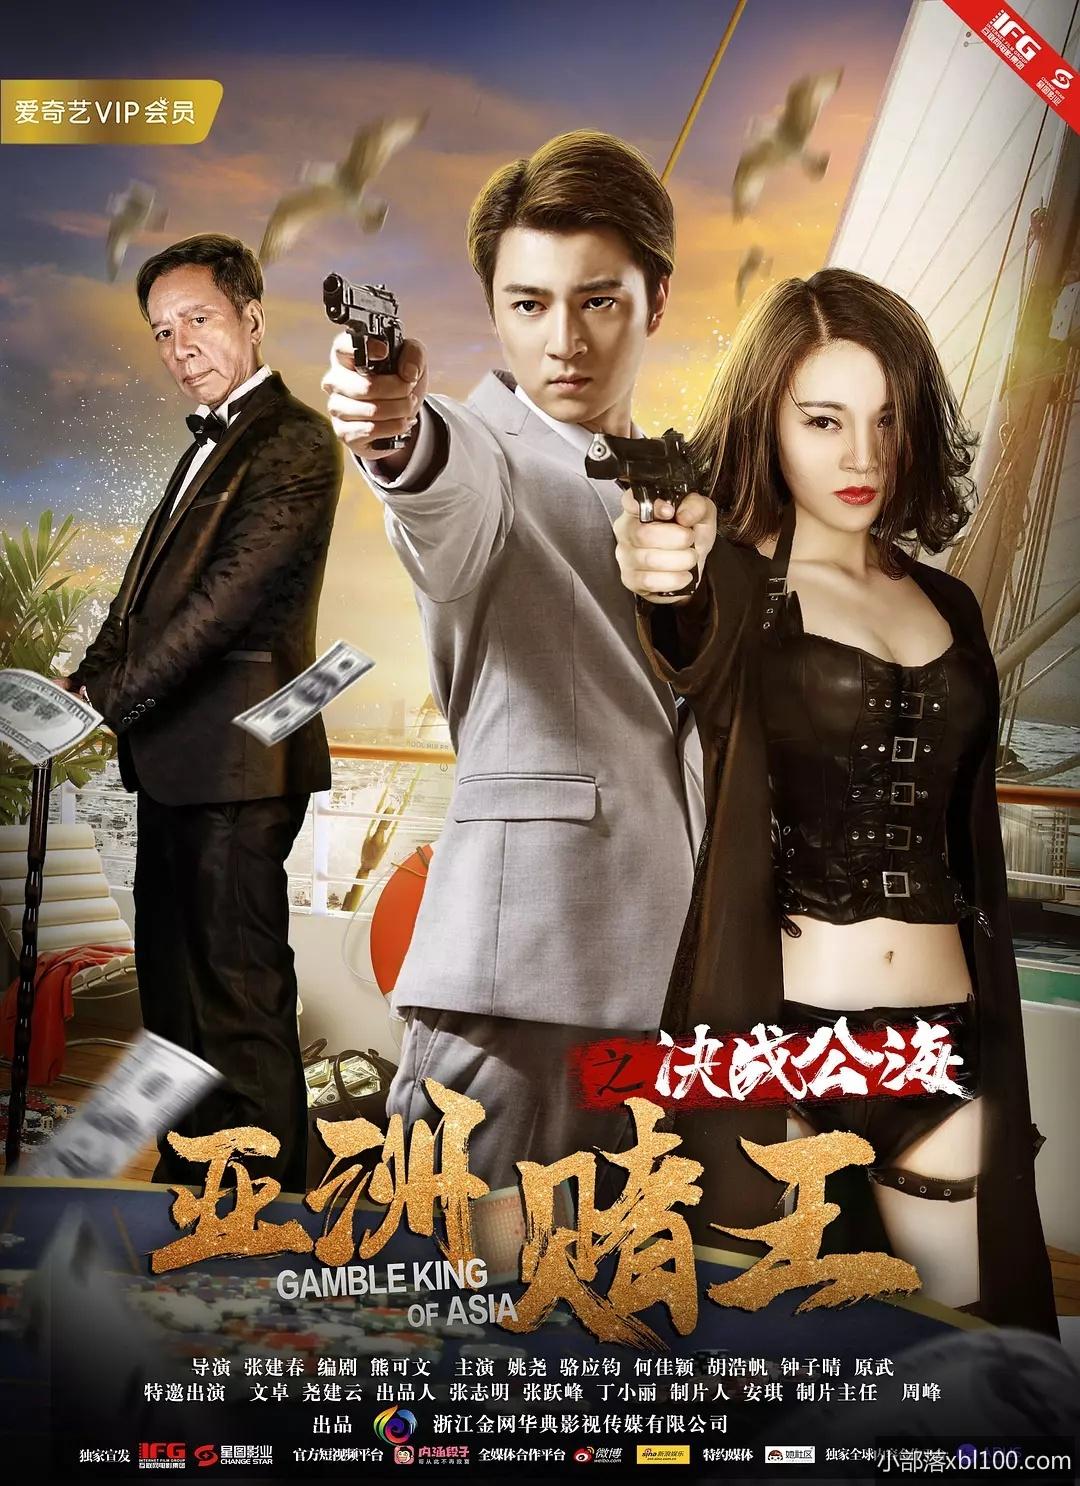 亚洲赌王之决战公海电影